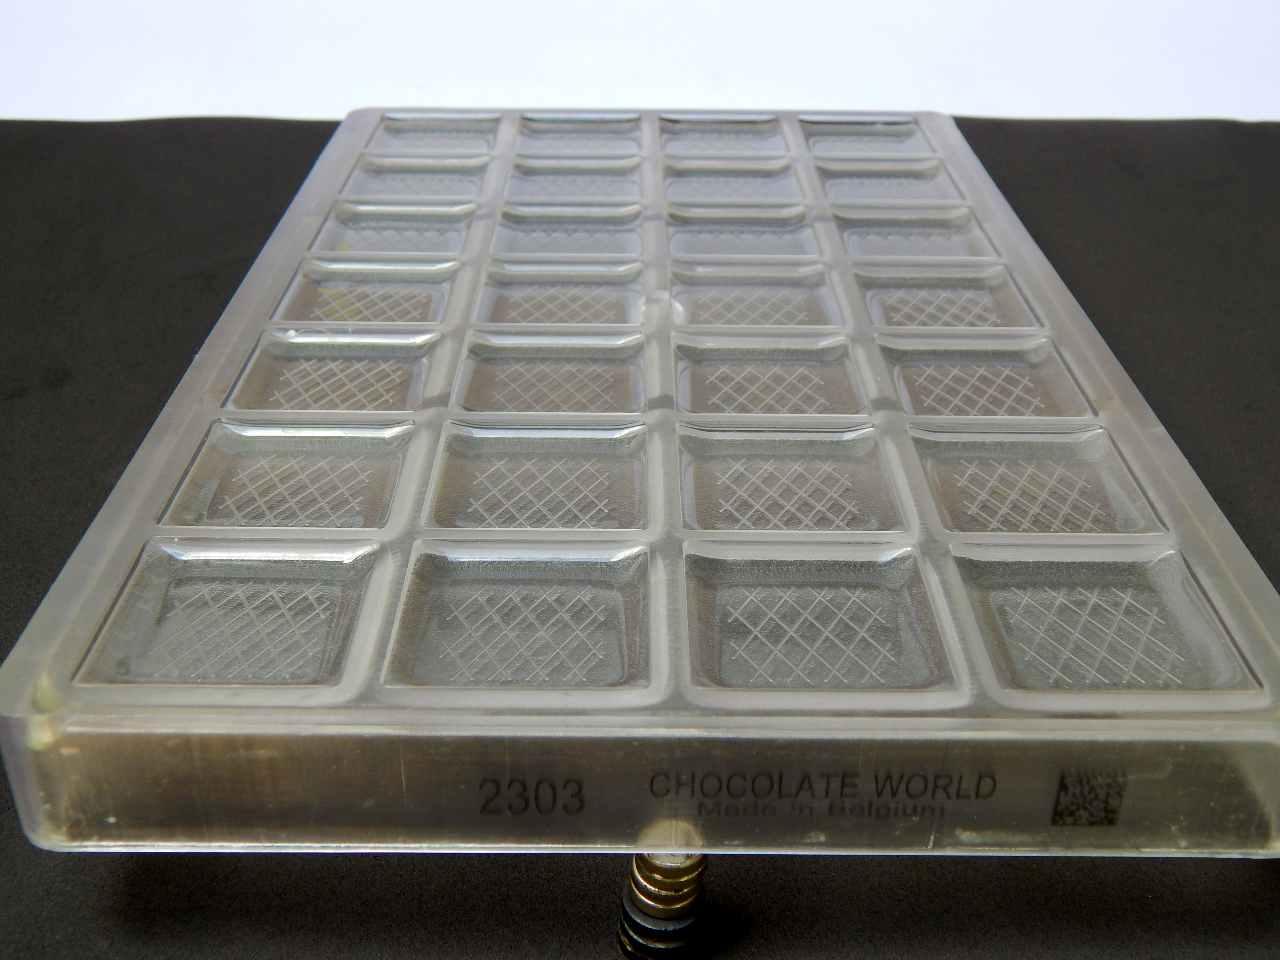 Molde policarbonato bombom plaquinha quadrada